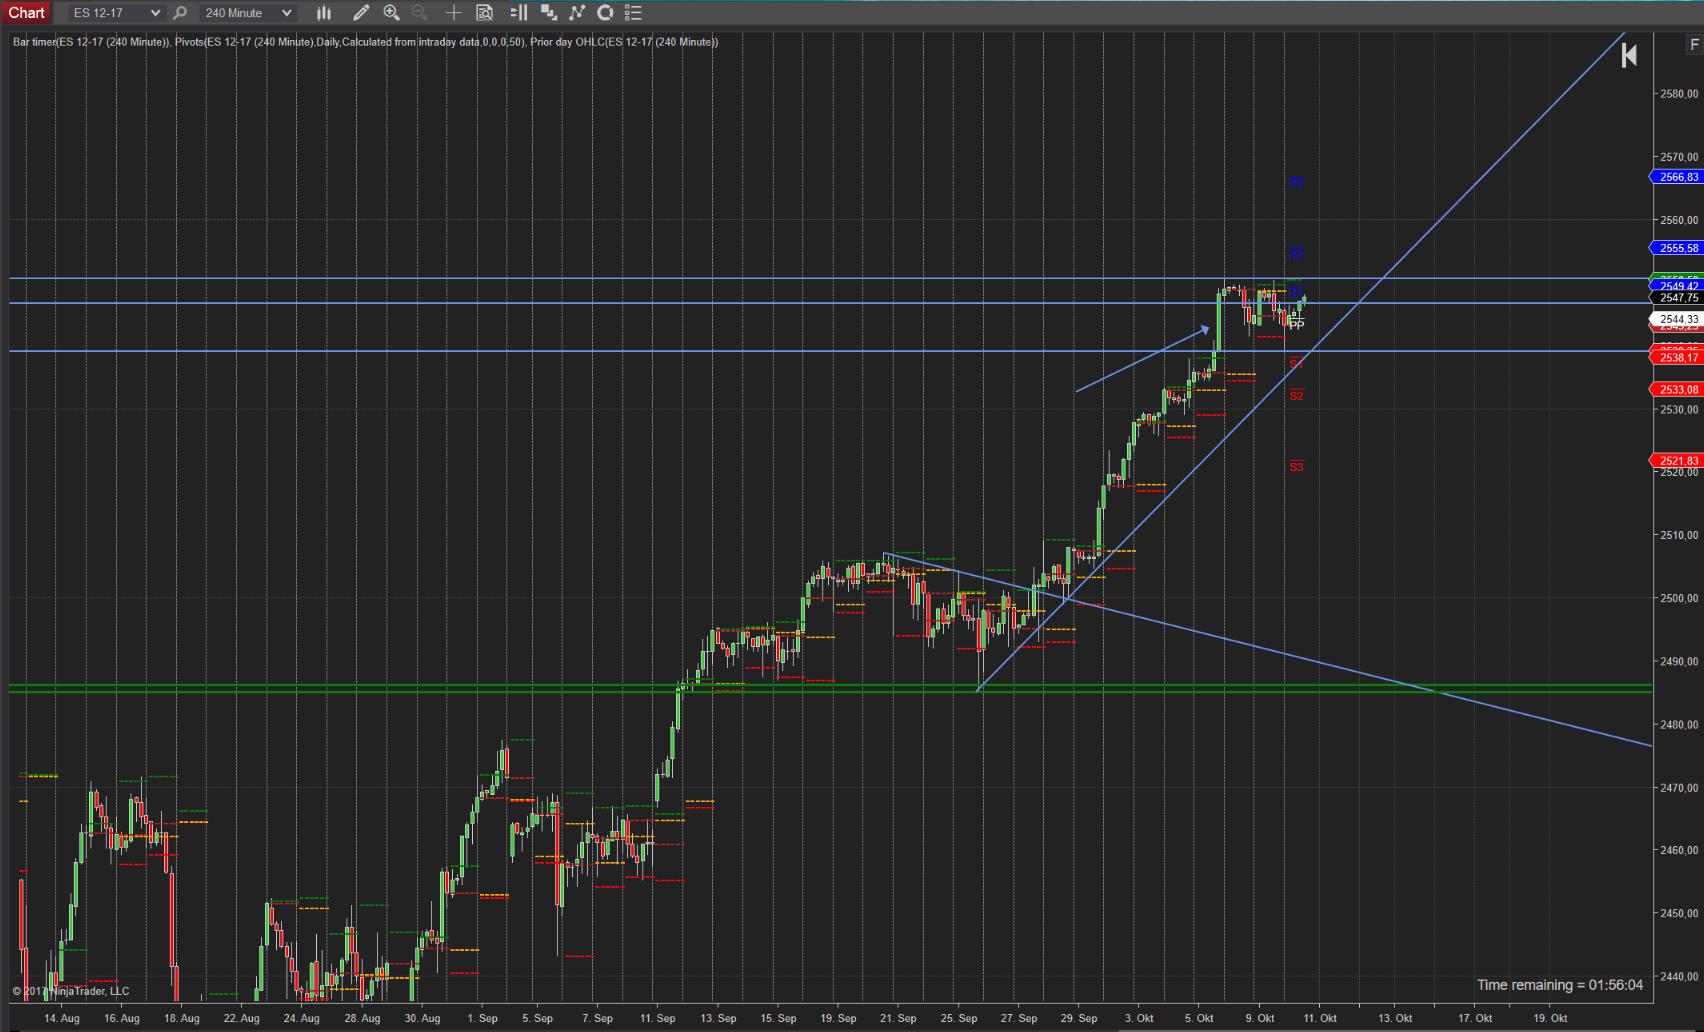 Trend ist weiterhin intakt SPX (SP500)